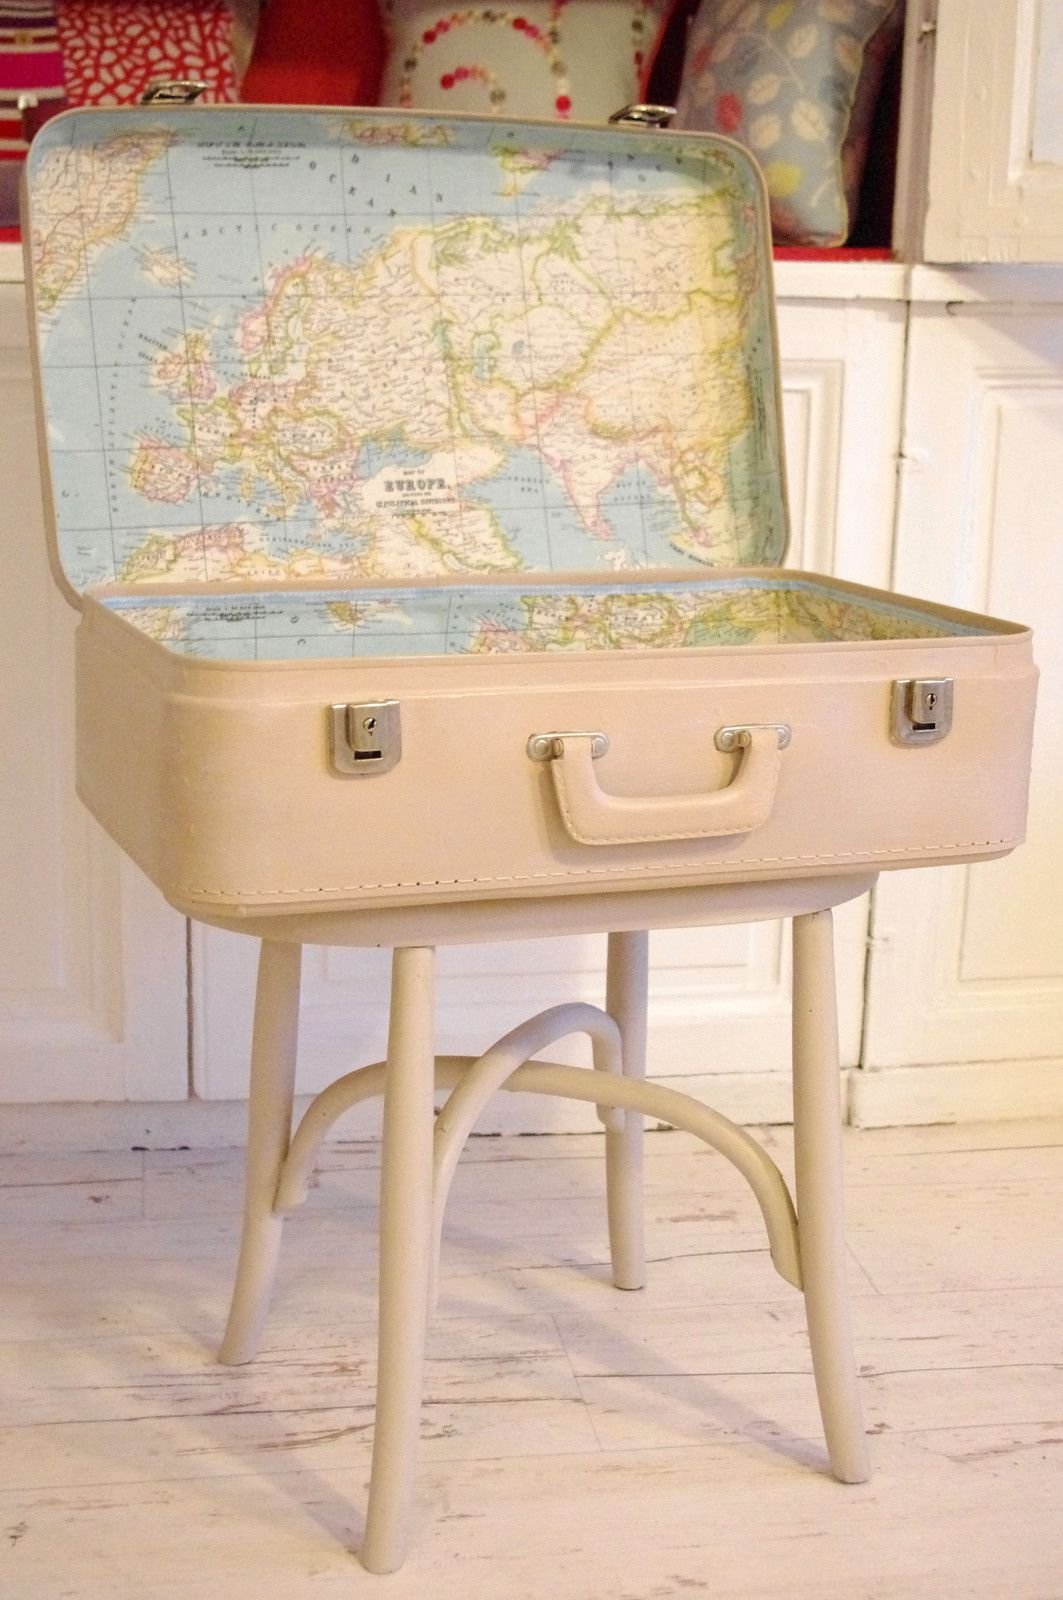 meuble valise mappemonde l 39 abracadabroc. Black Bedroom Furniture Sets. Home Design Ideas